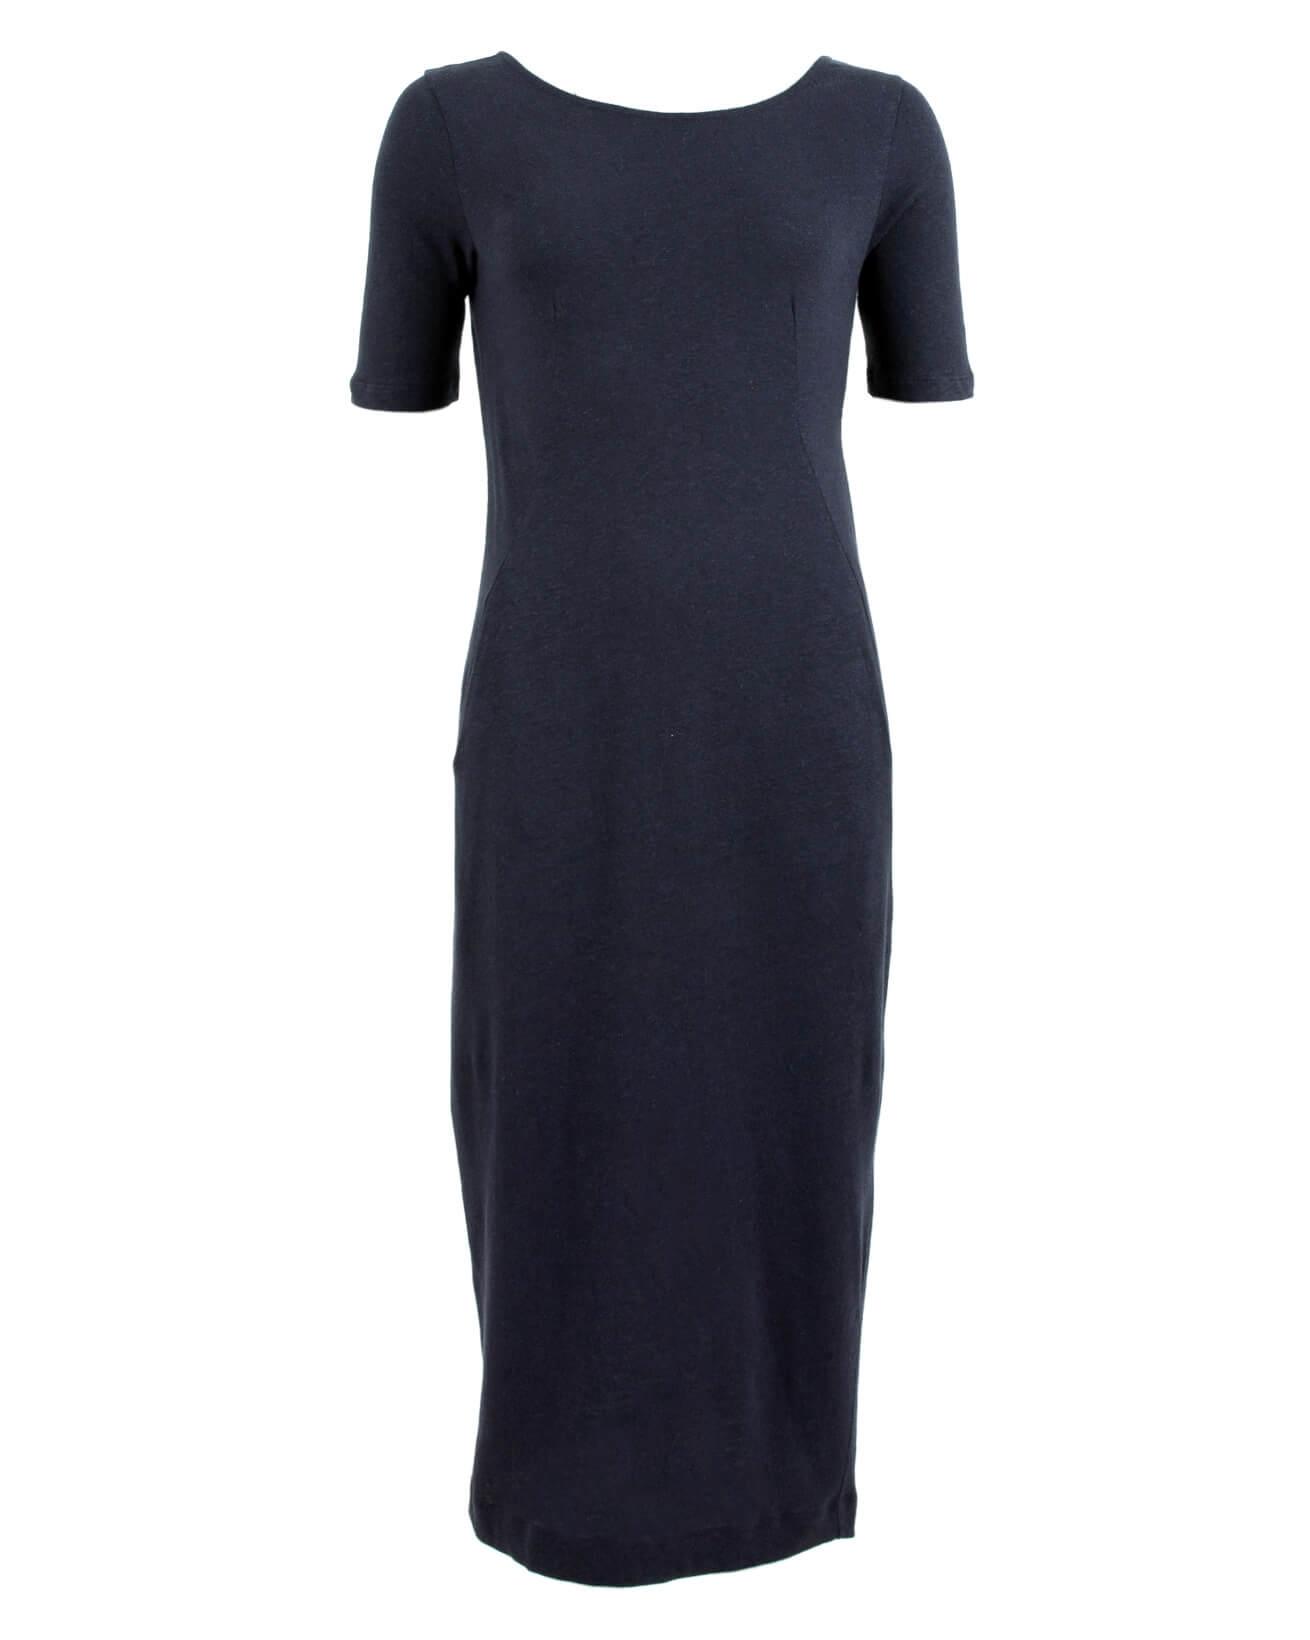 7567_linen-long-button-back-dress-navy_front_comp.jpg